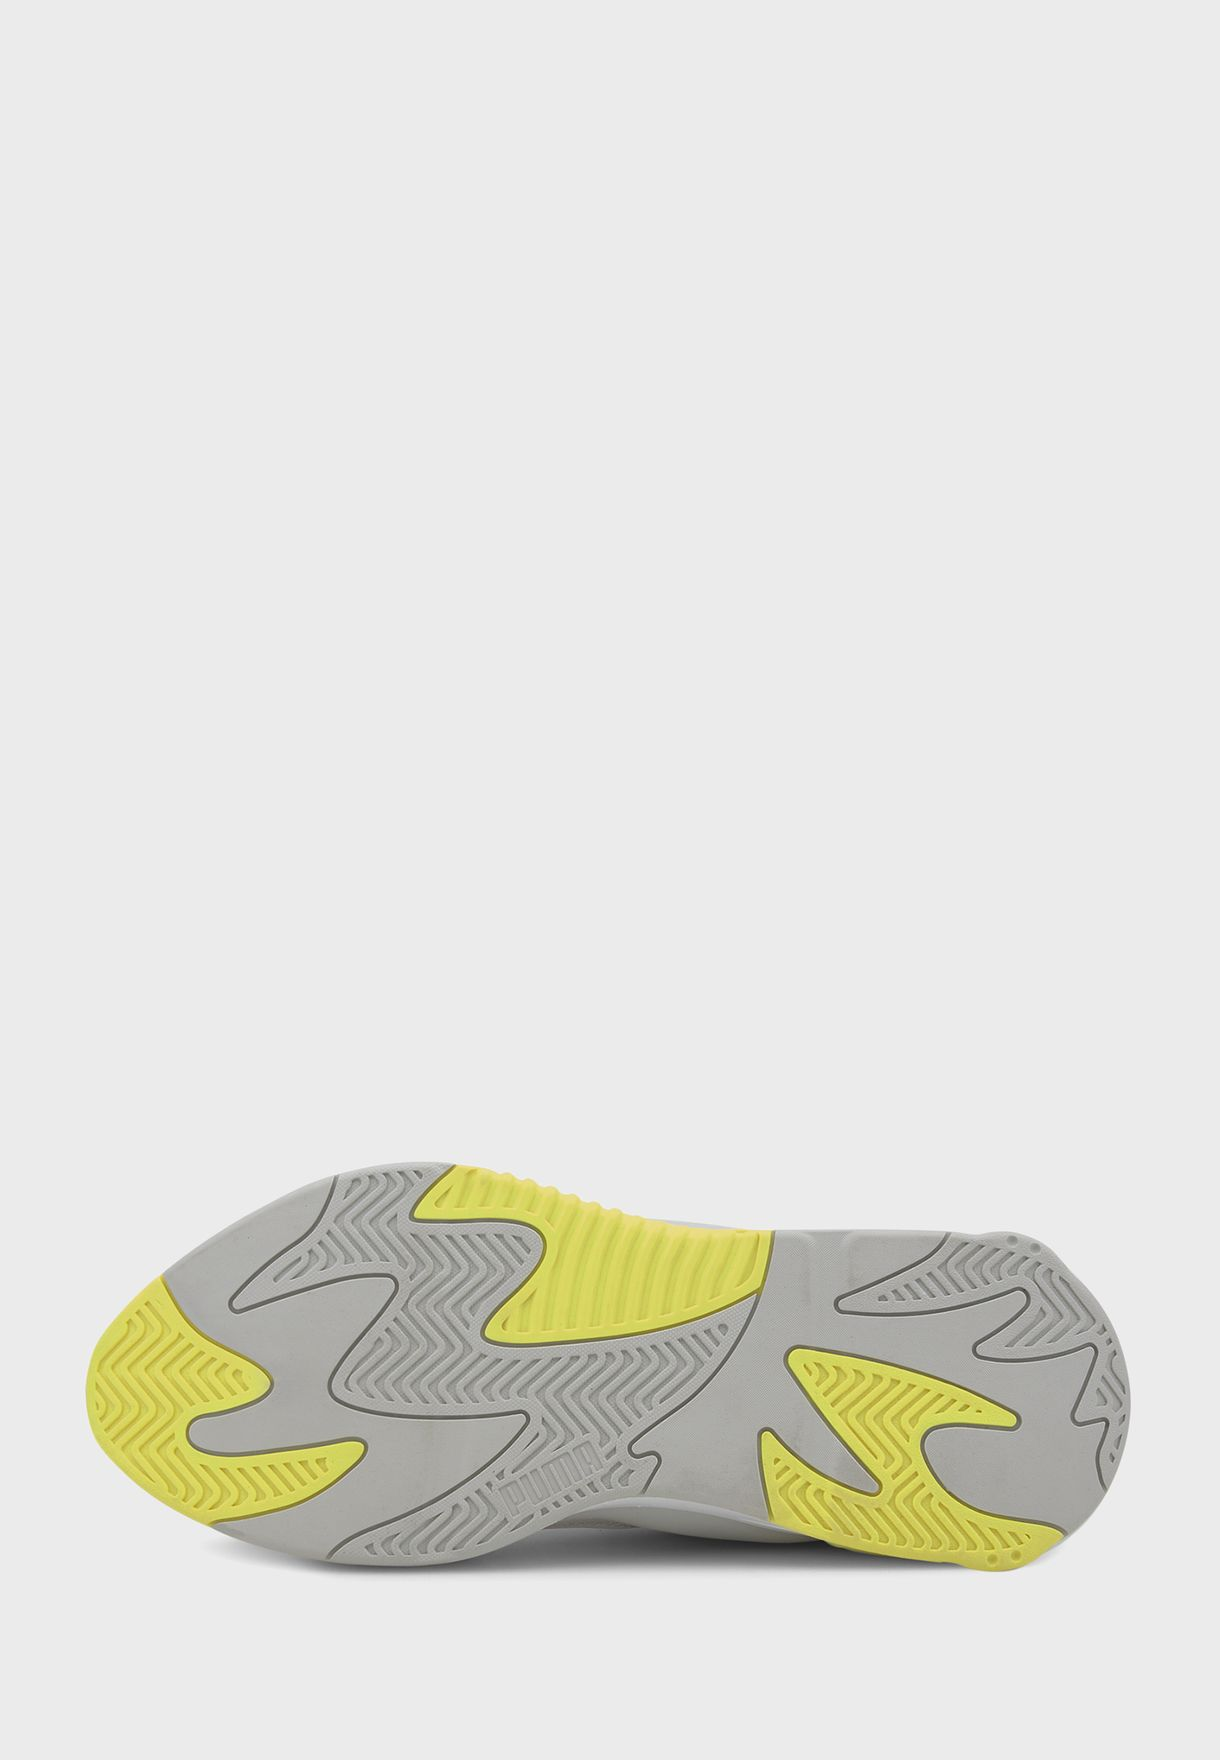 حذاء اراس -2 كيه × ايموجي